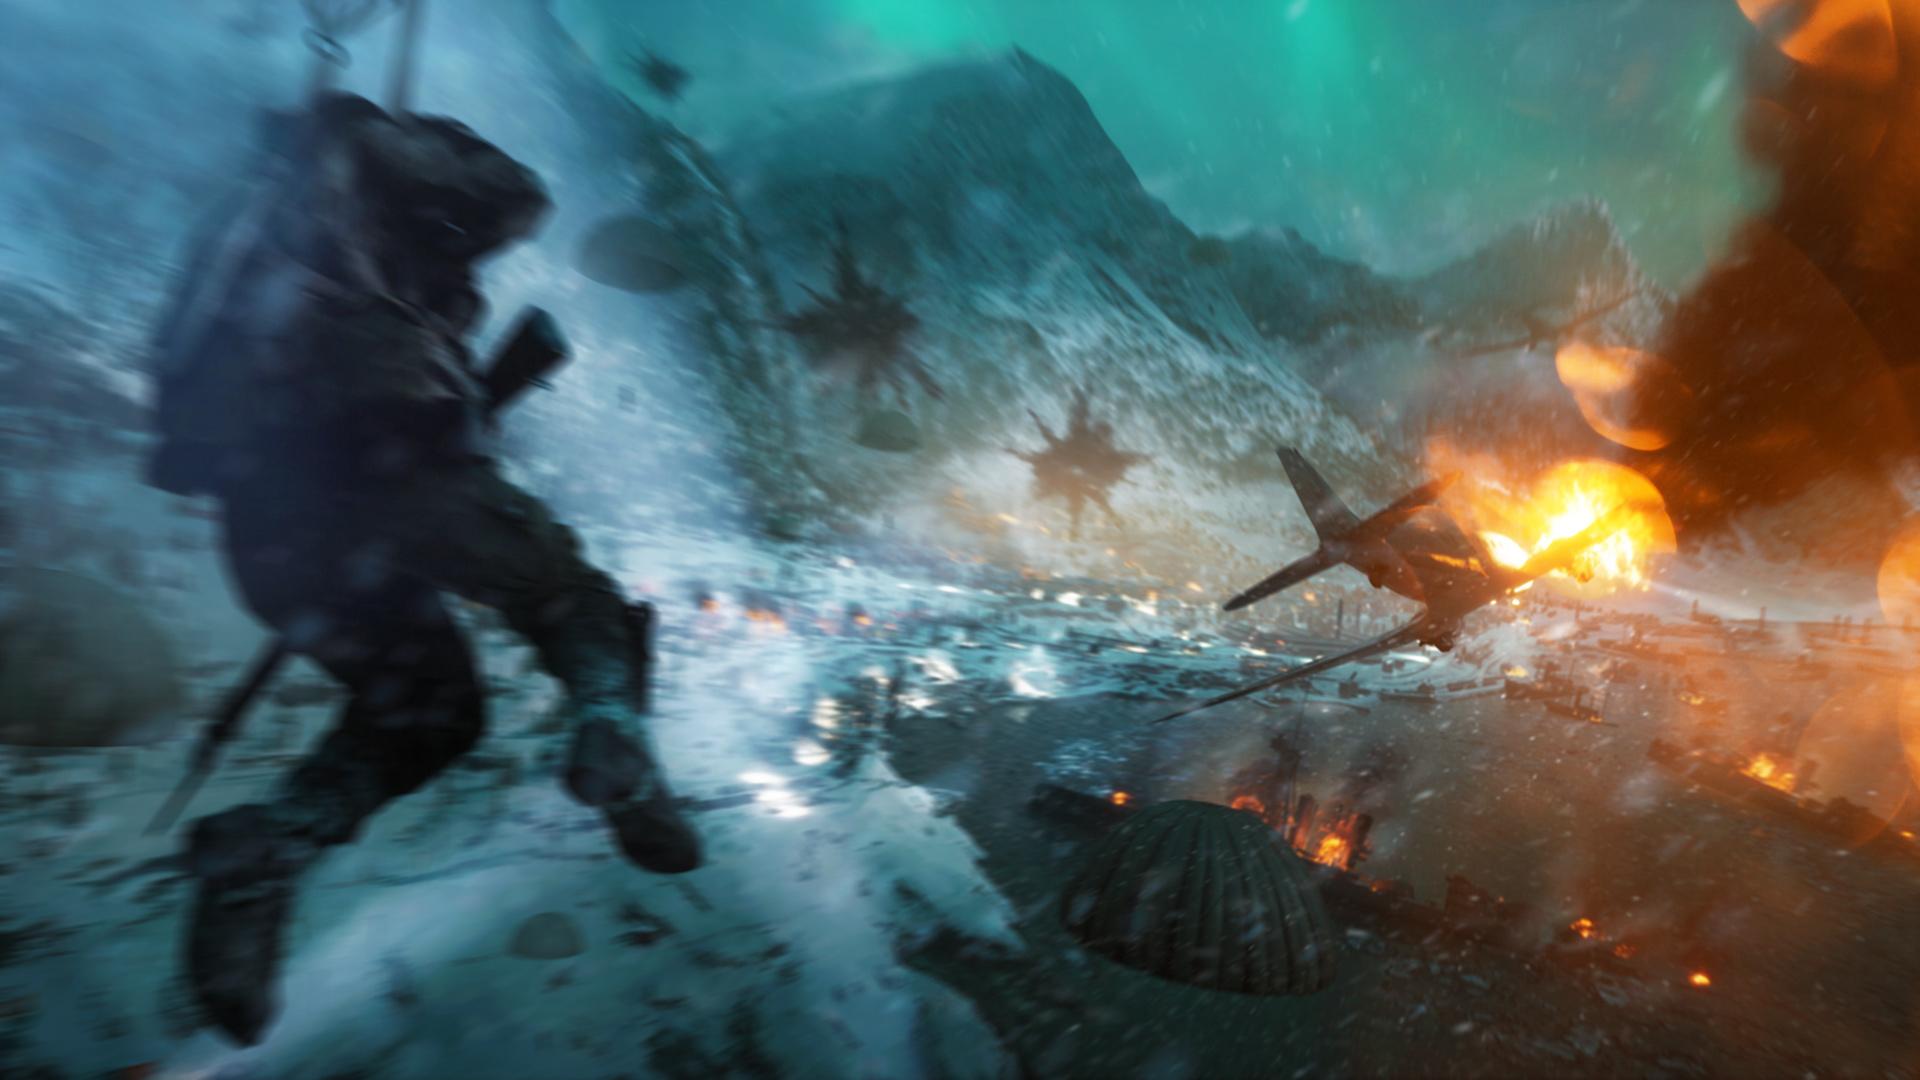 『Battlefield V』オープンベータテストは9月上旬に実施か